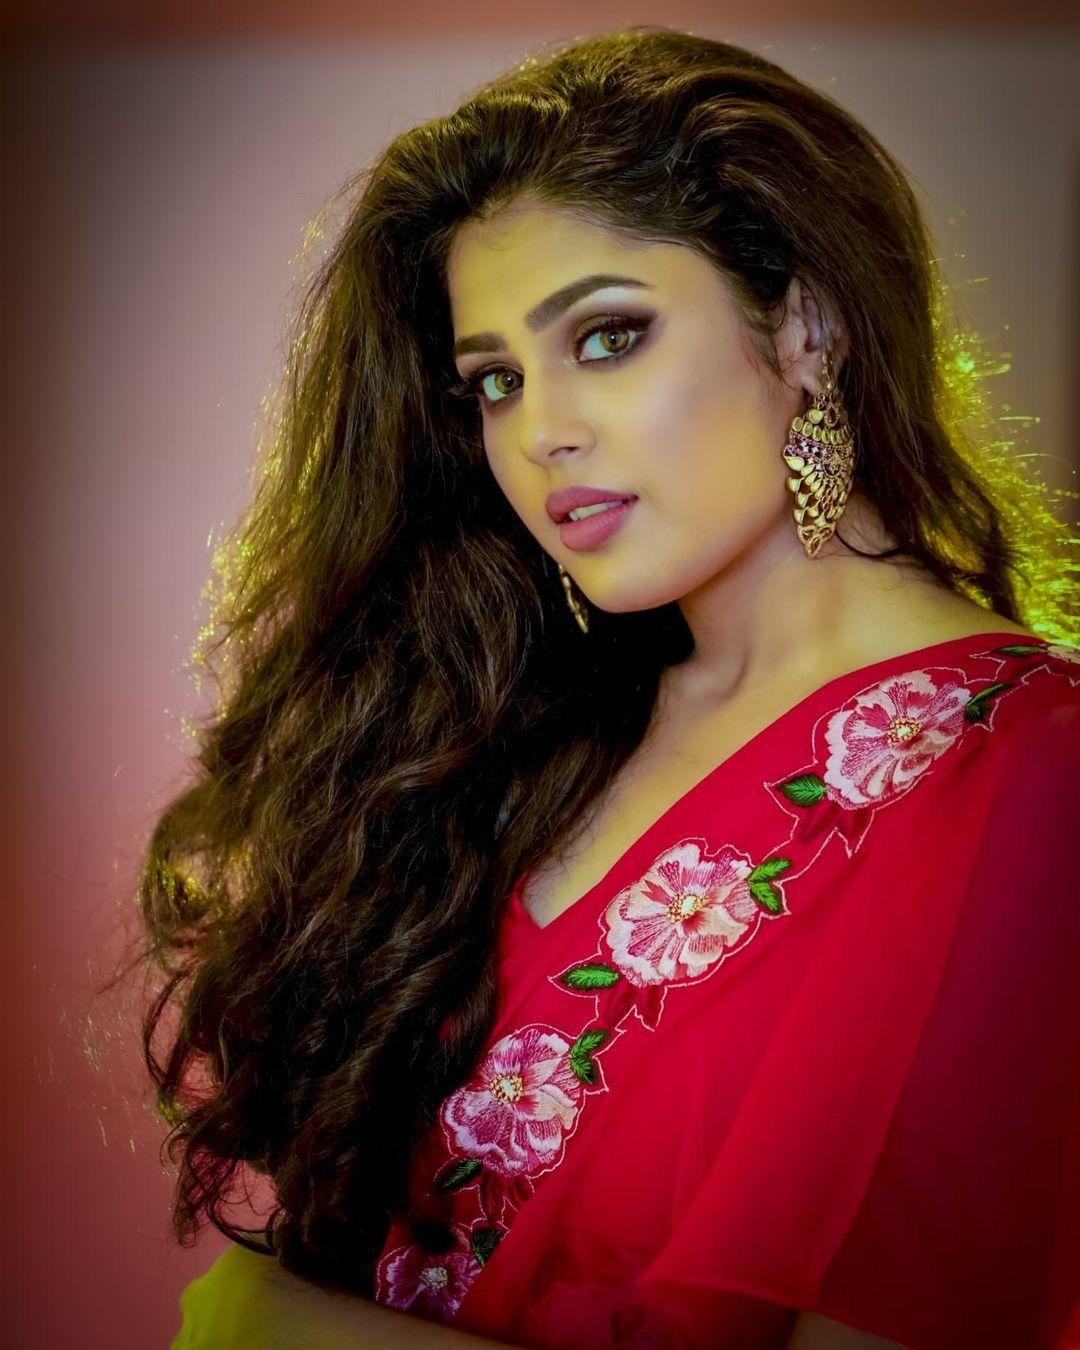 Faria Abdullah hot close up face photo